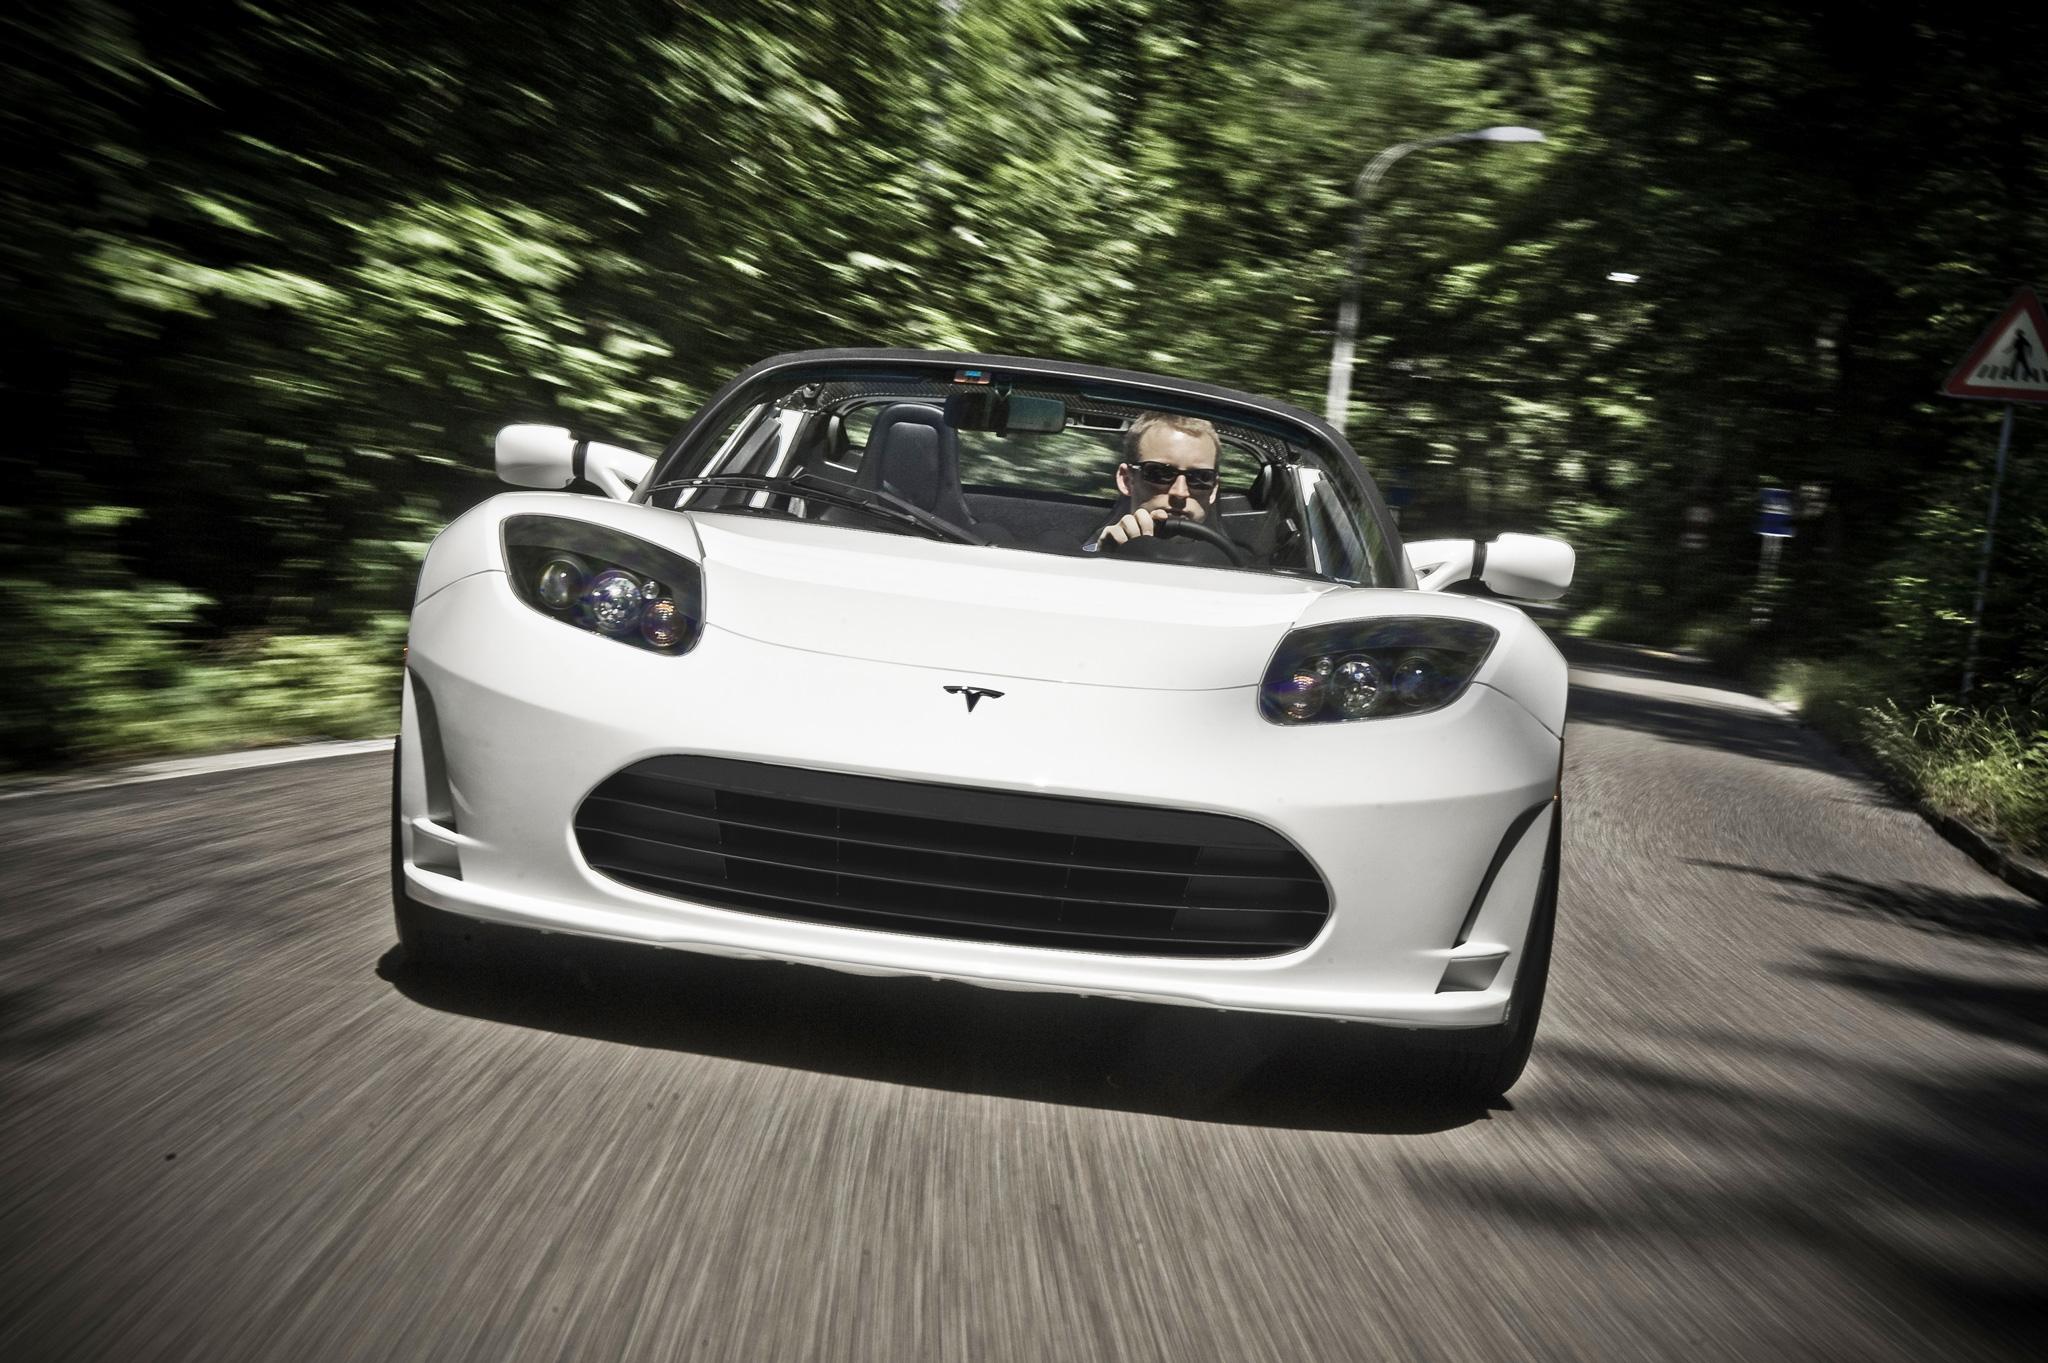 Presskit Node Tesla Uk Engine Diagram Roadster